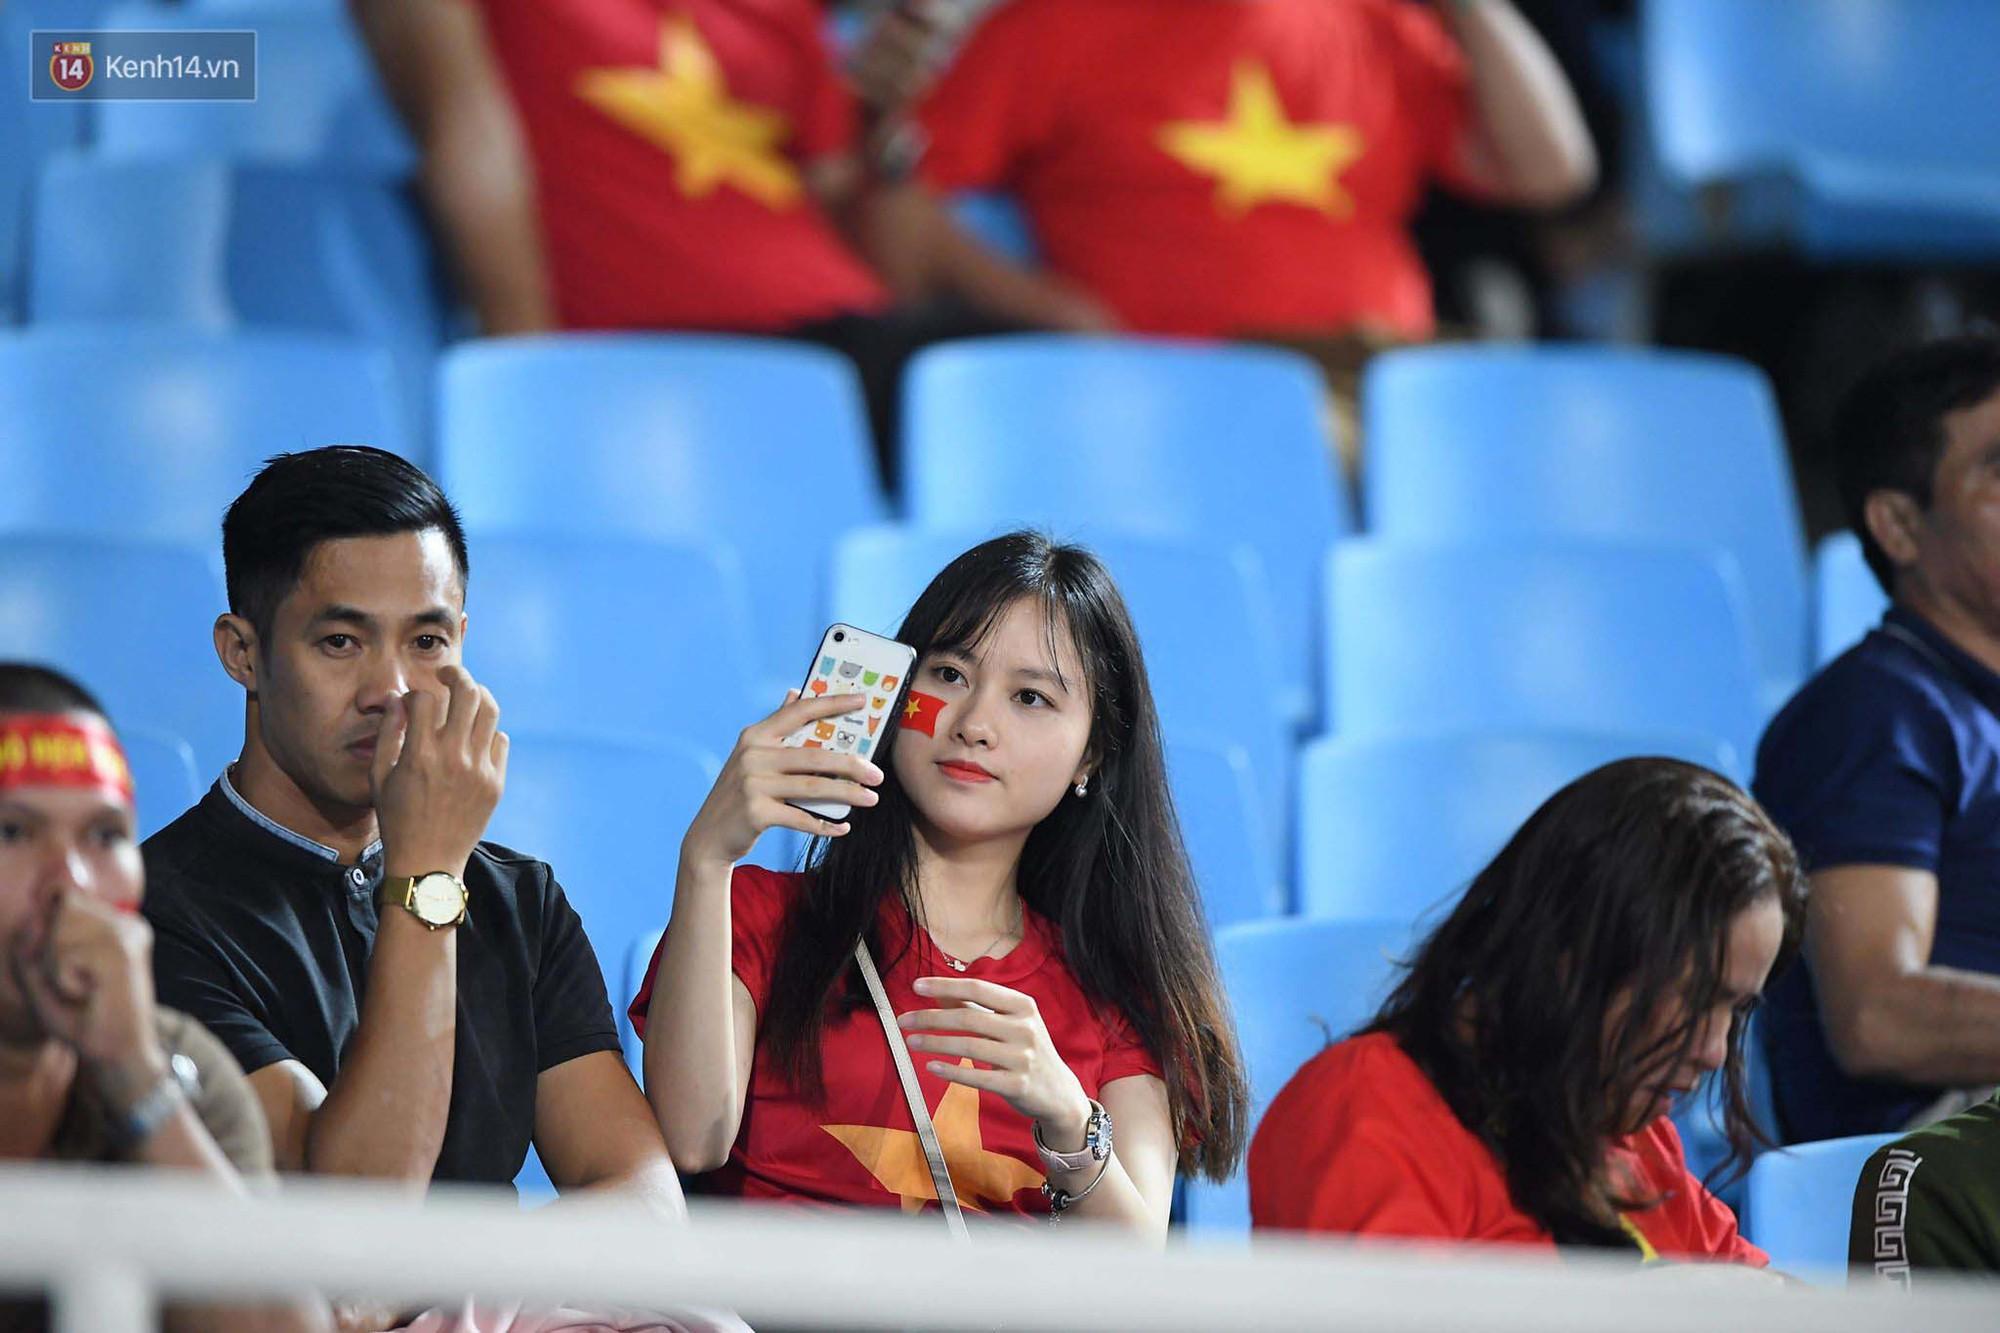 Loạt fan girl xinh xắn chiếm sóng tại Mỹ Đình trước trận bán kết Việt Nam - Philippines - Ảnh 16.